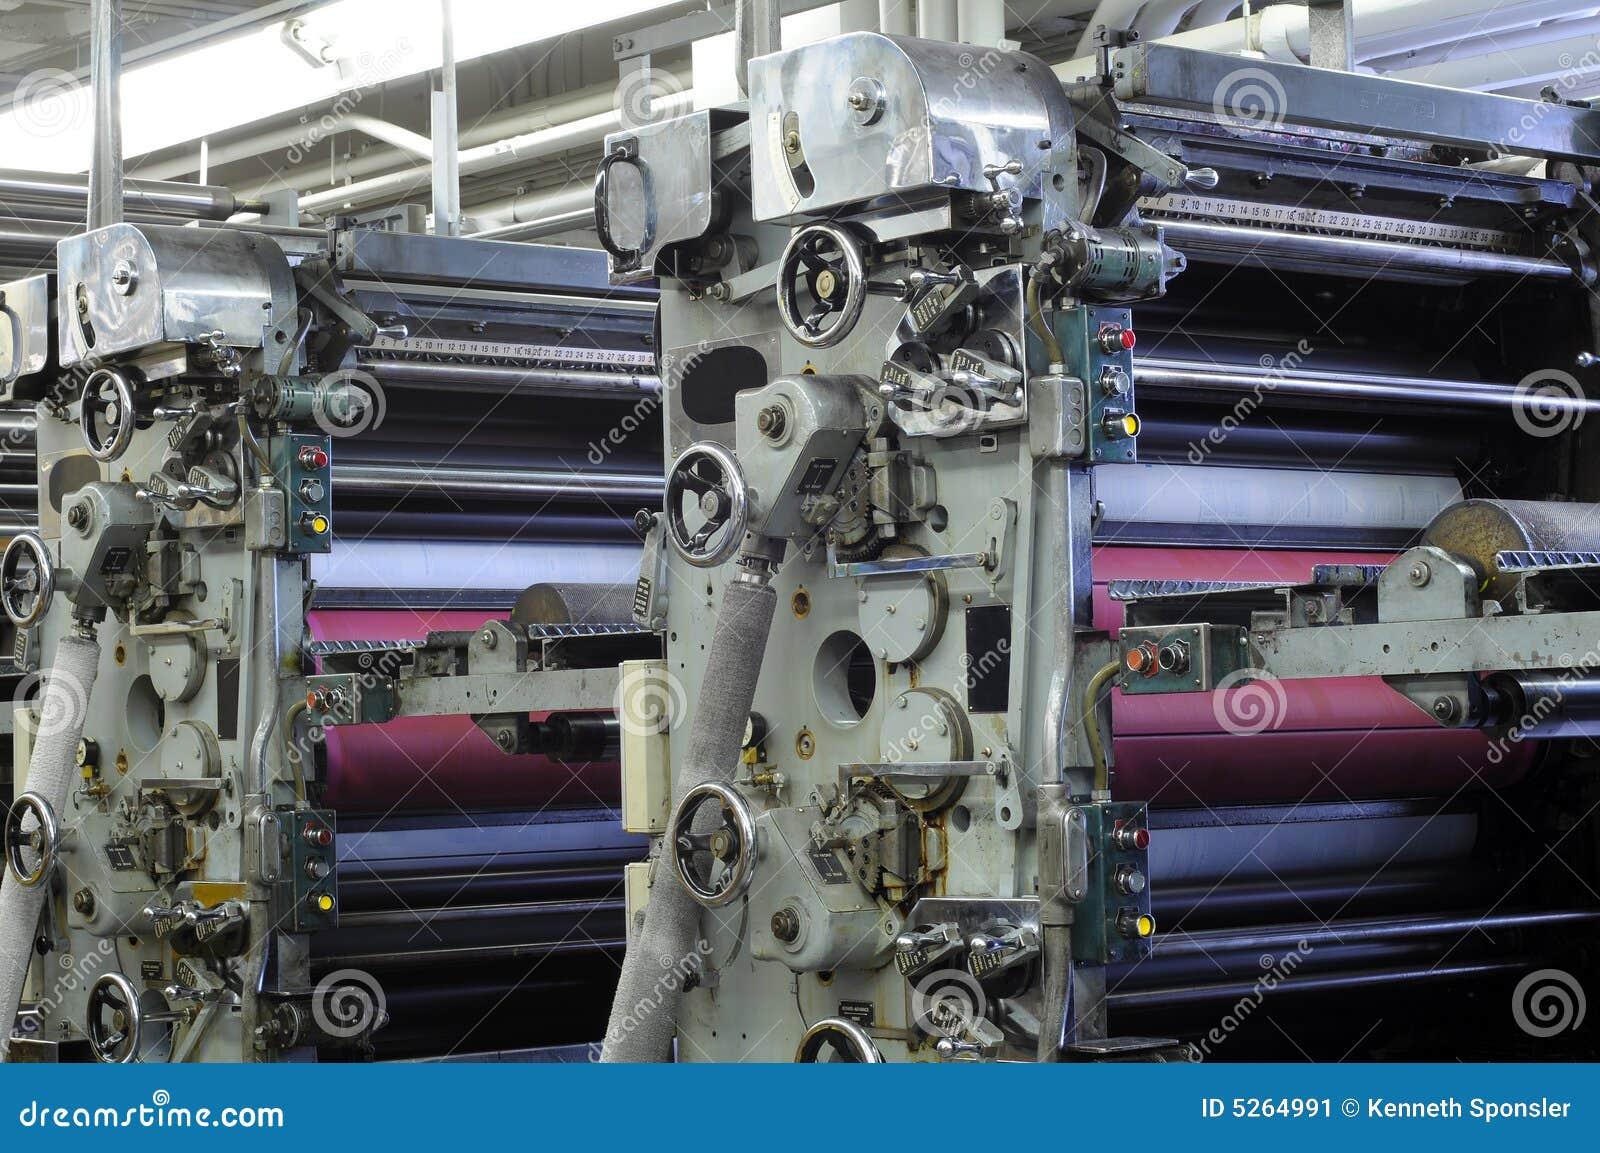 Ink roller units